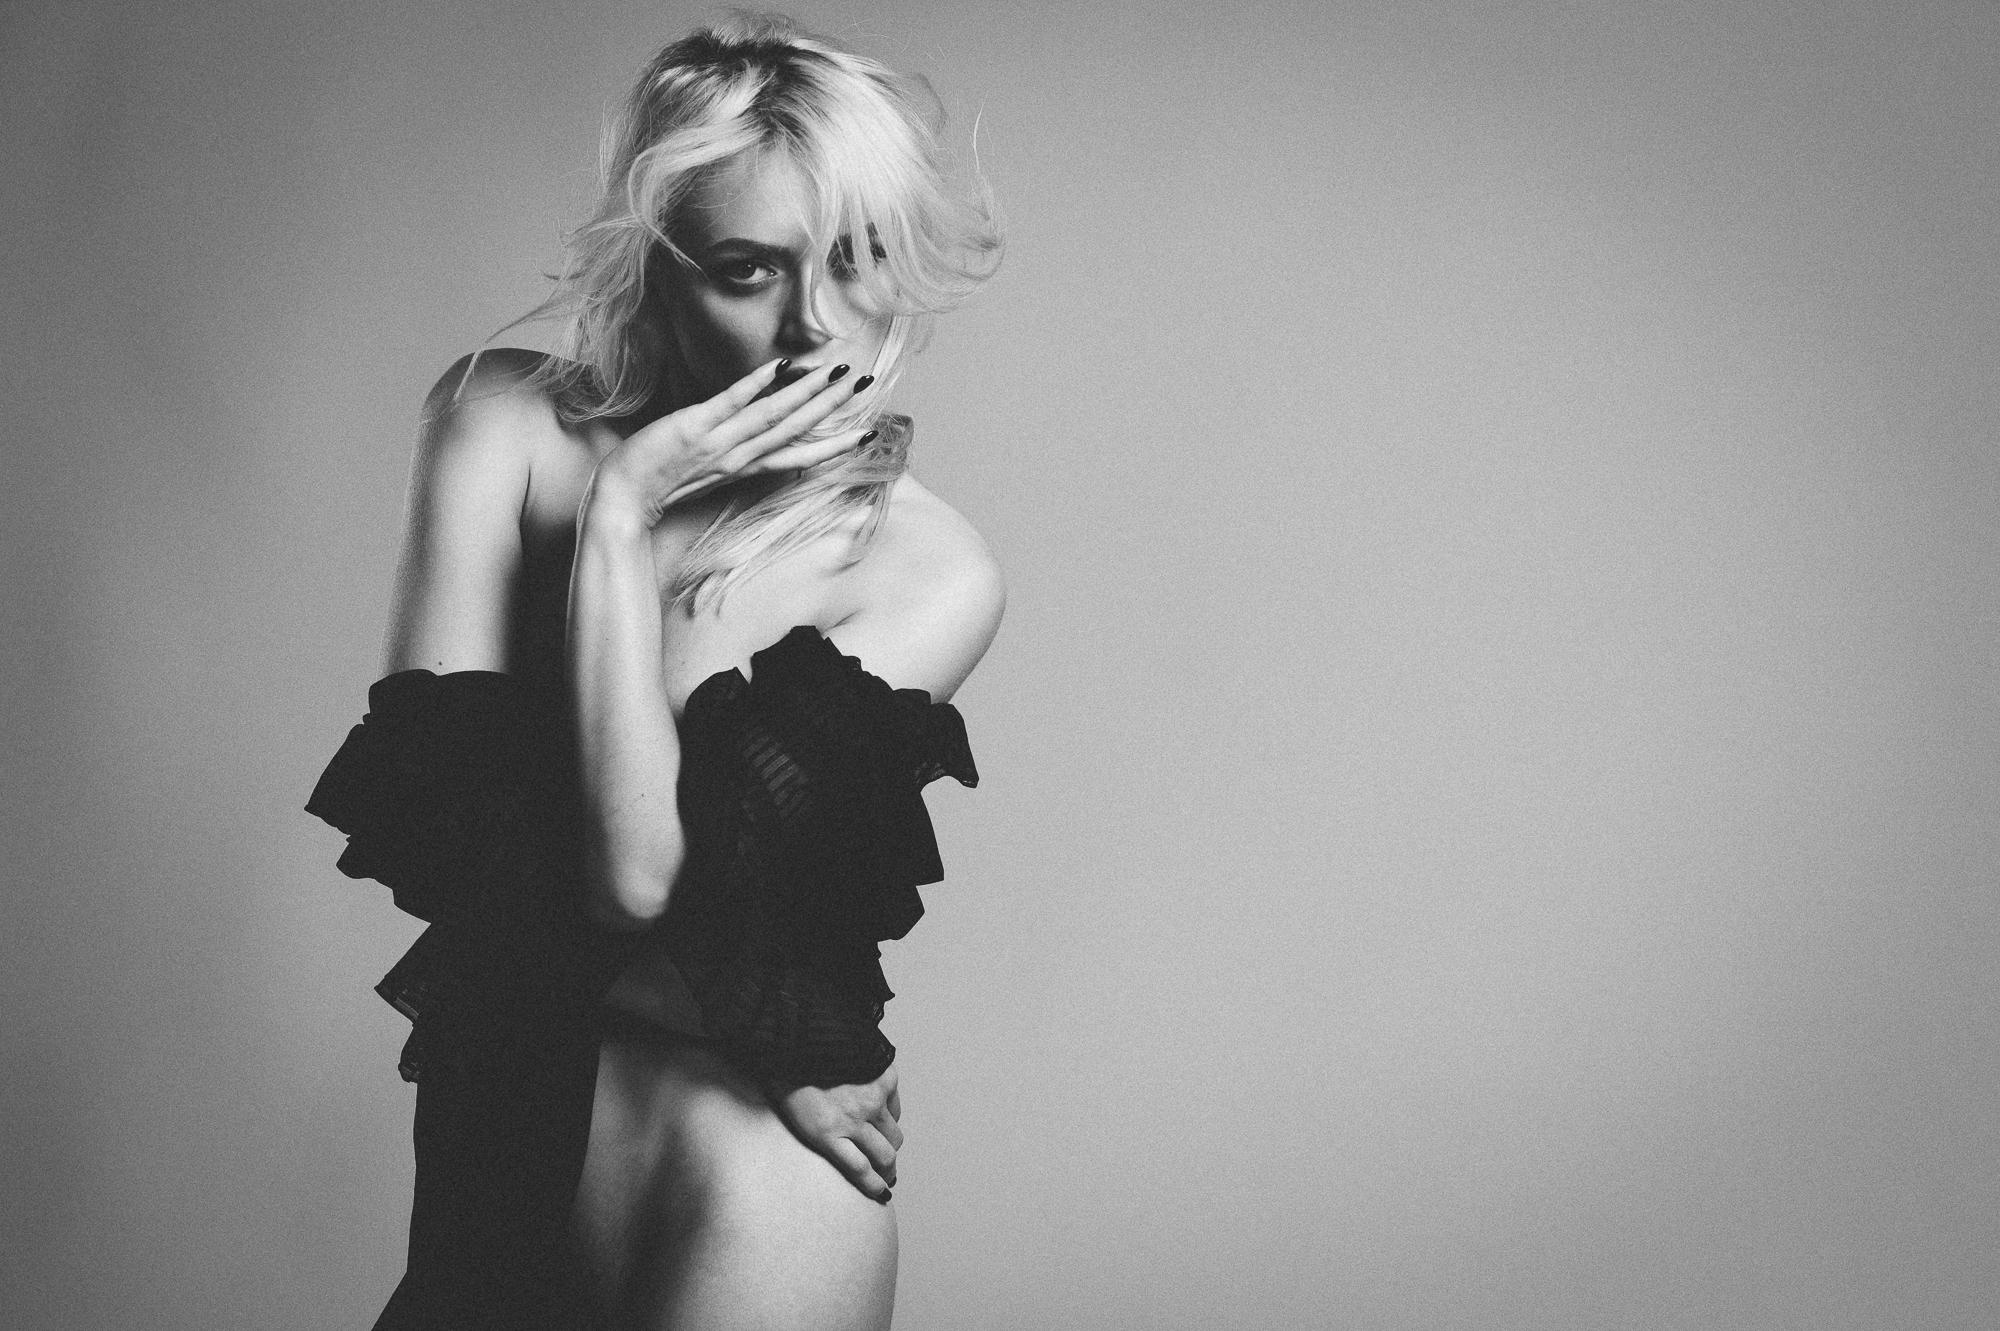 fotograf nud constanta (21)